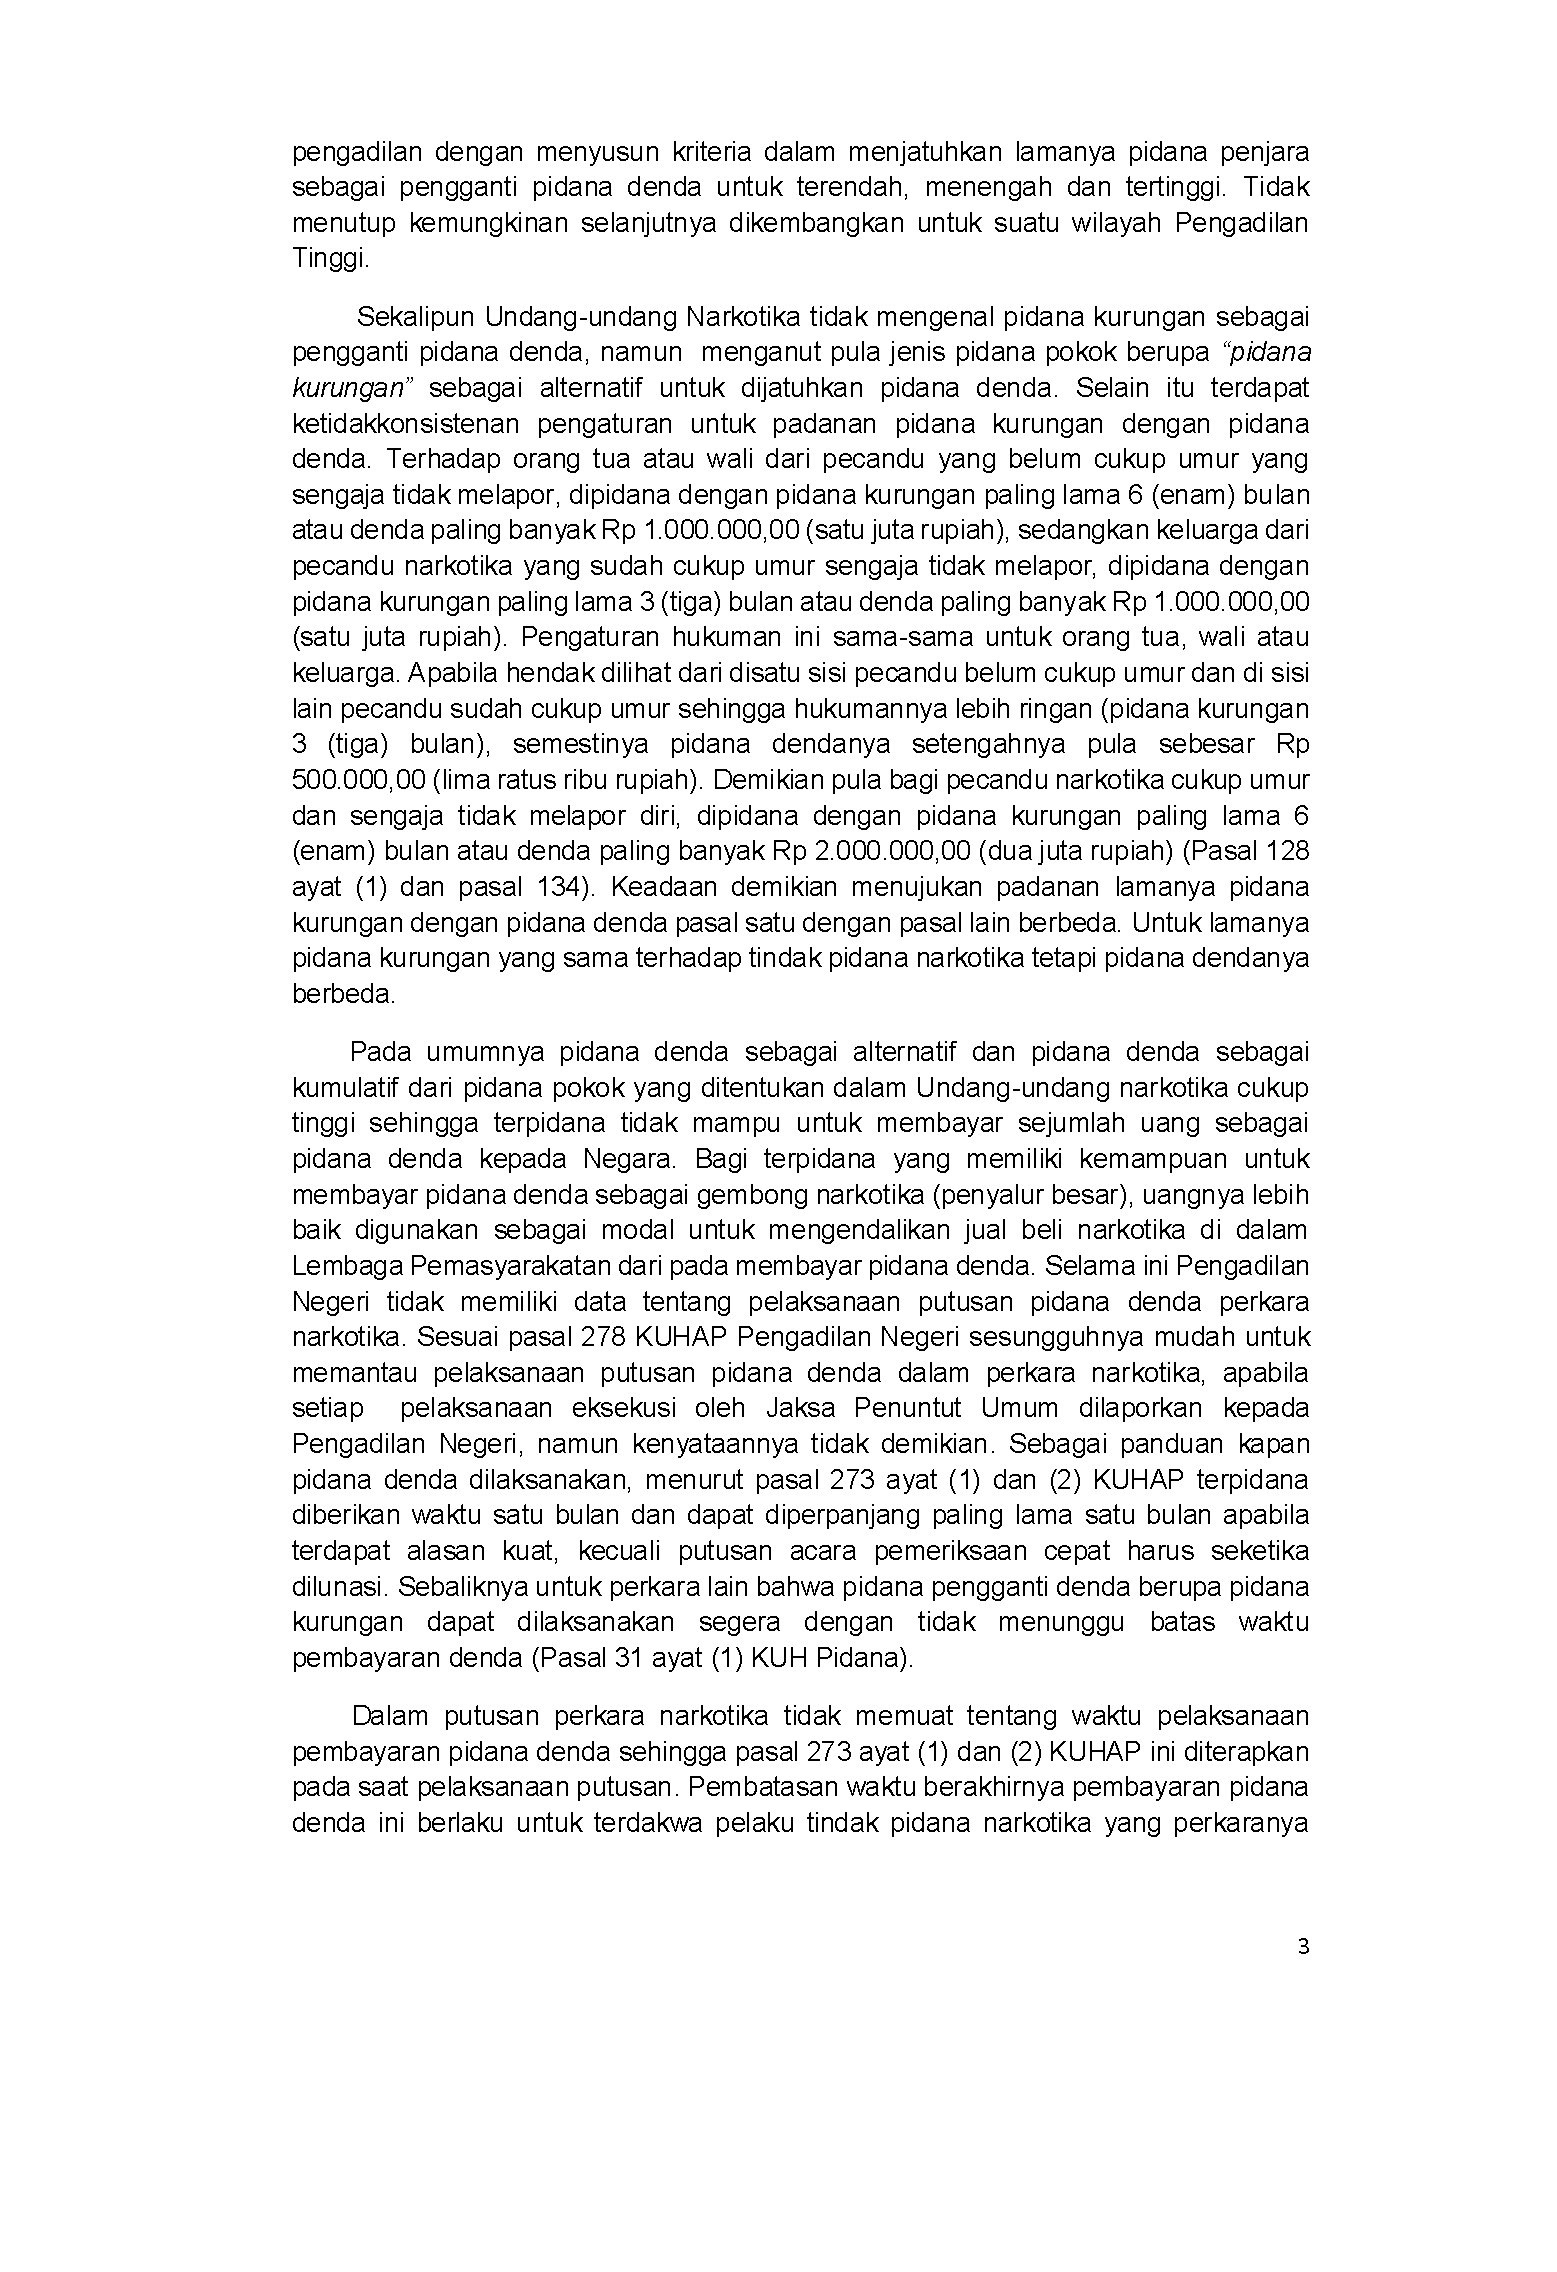 Direktorat Jenderal Badan Peradilan Umum Artikel Hukum